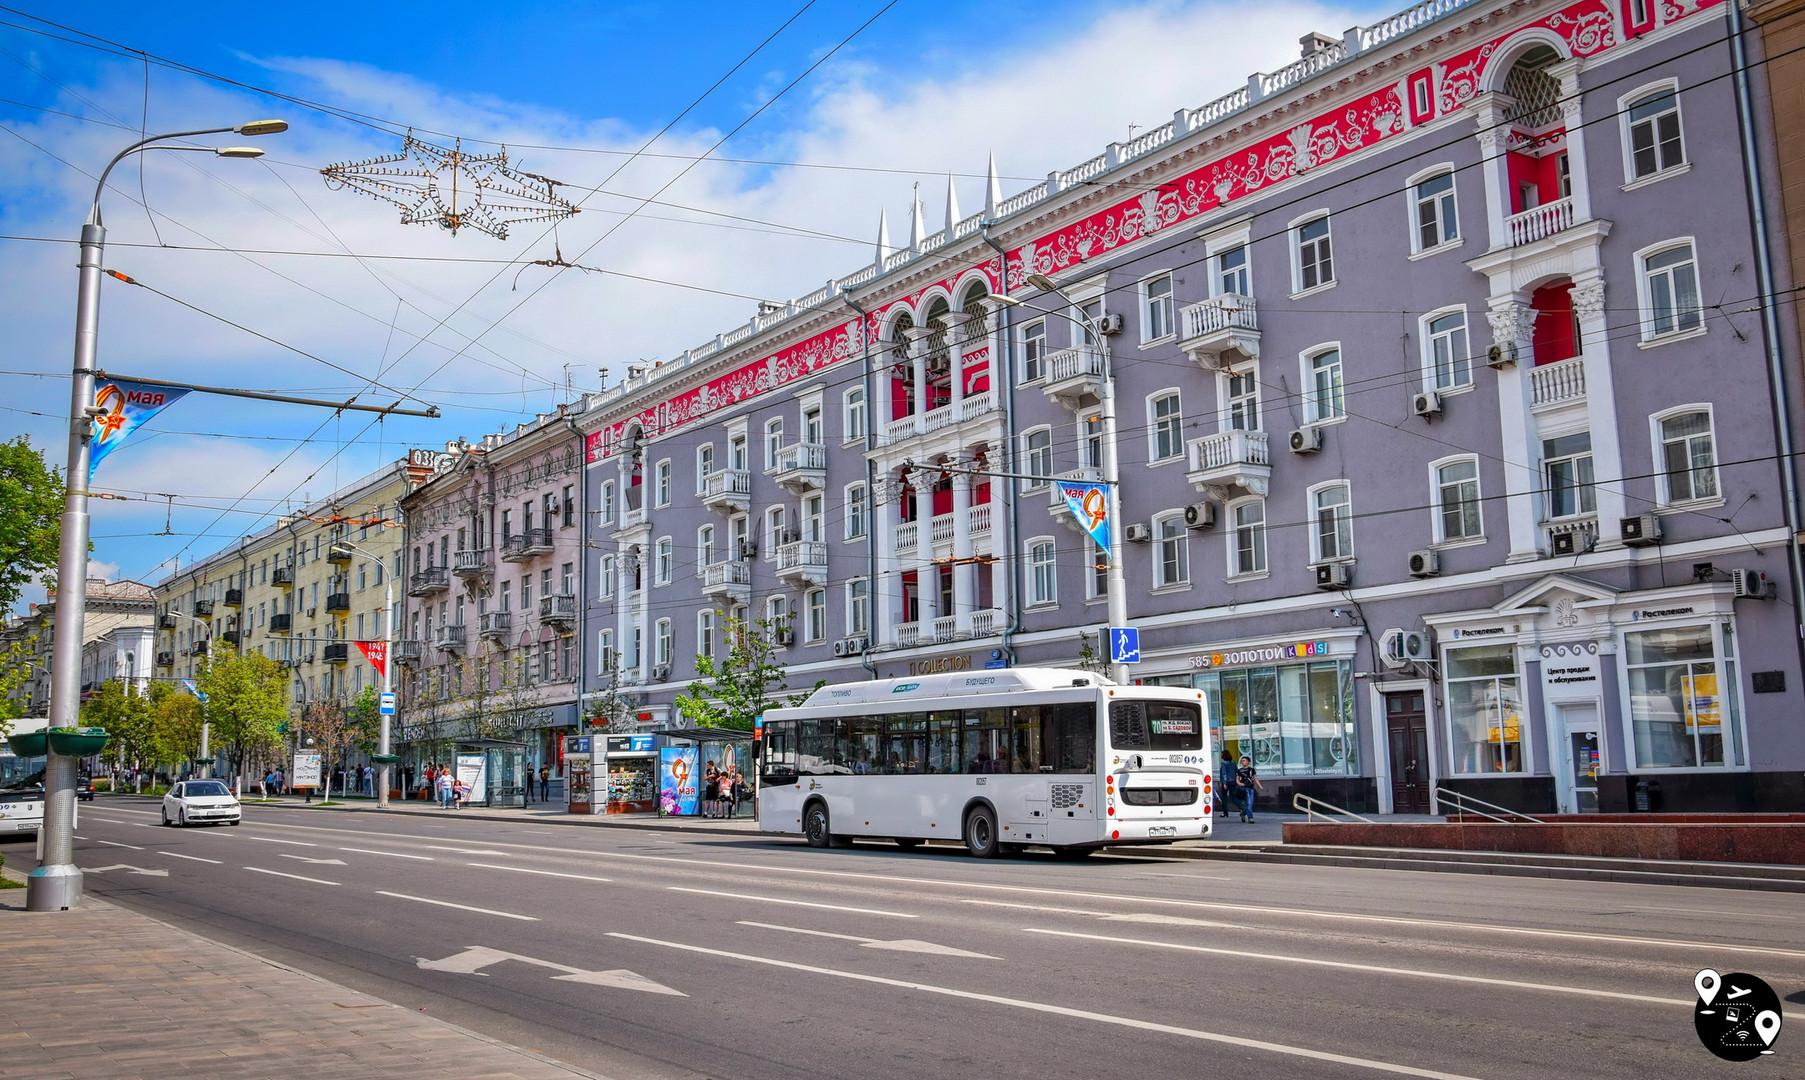 Улица Большая Садовая, Ростов-на-Дону